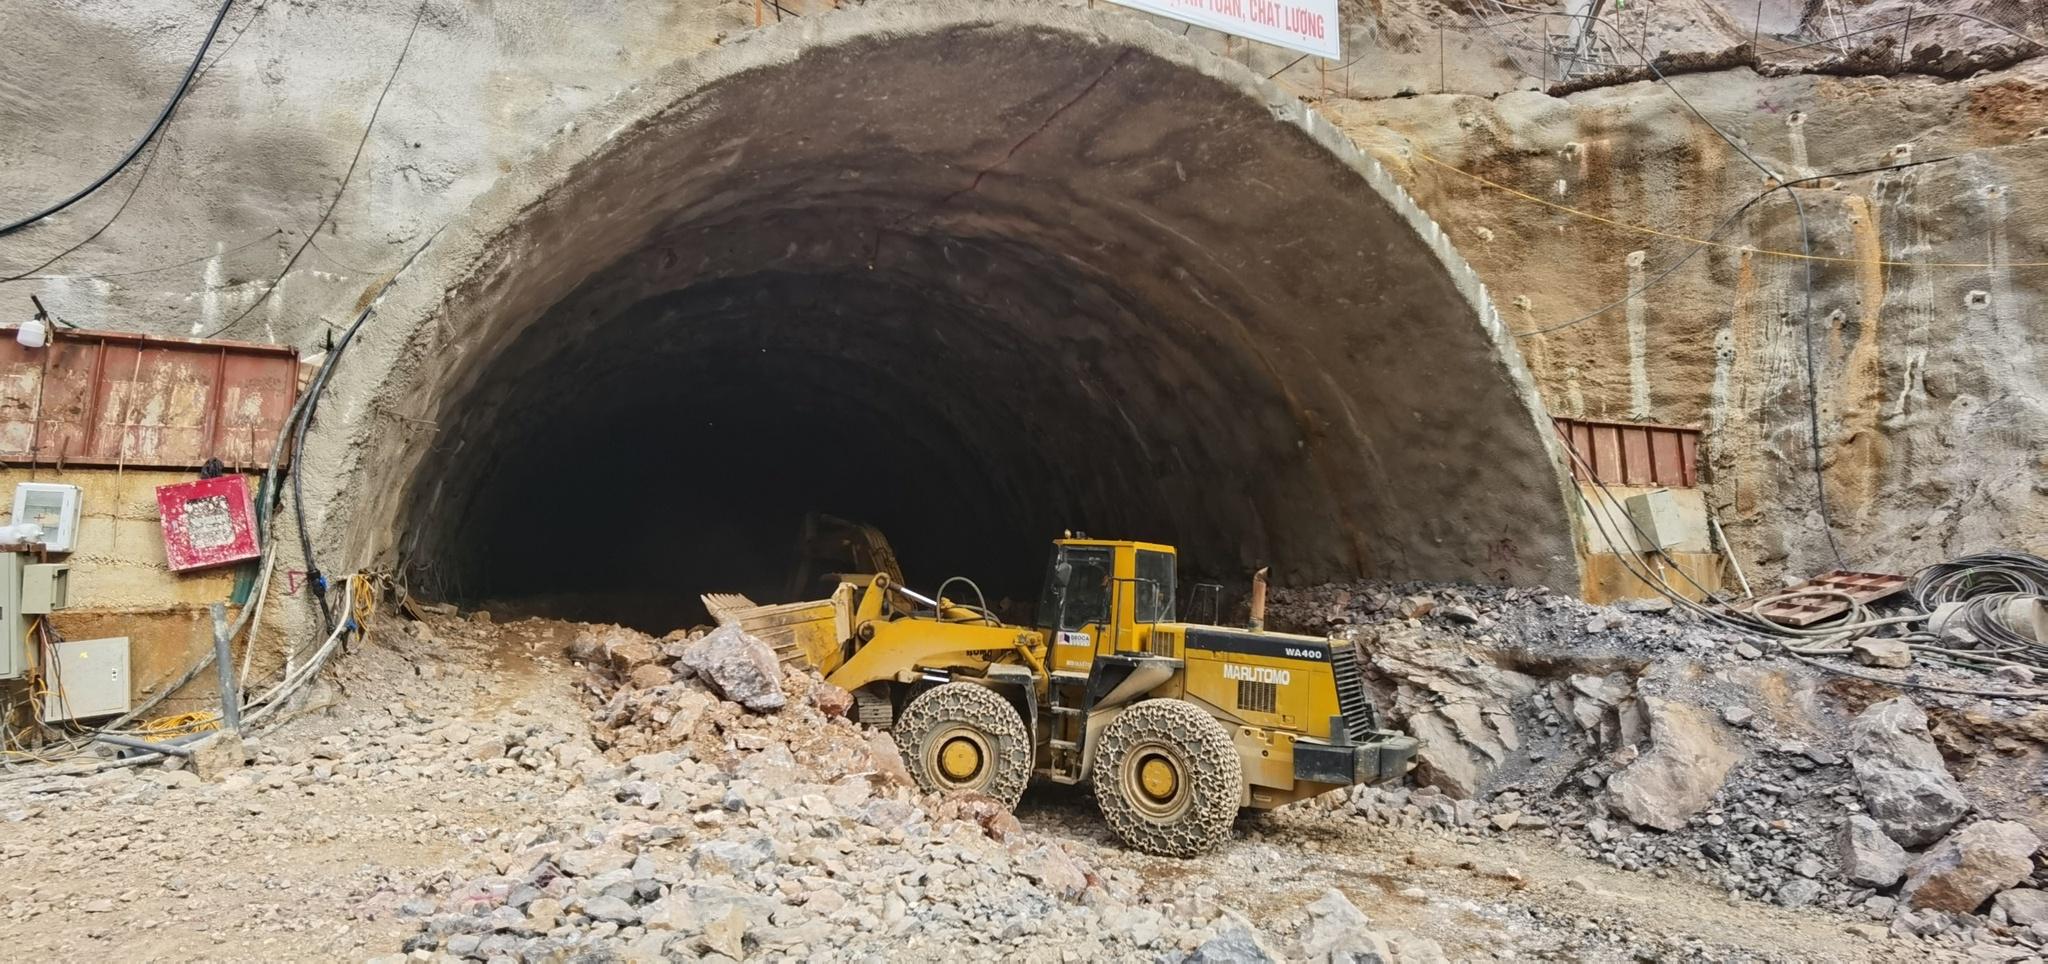 Quảng Ninh: Trong tháng 8 sẽ thông hầm đường bộ bên vịnh Hạ Long - ảnh 2